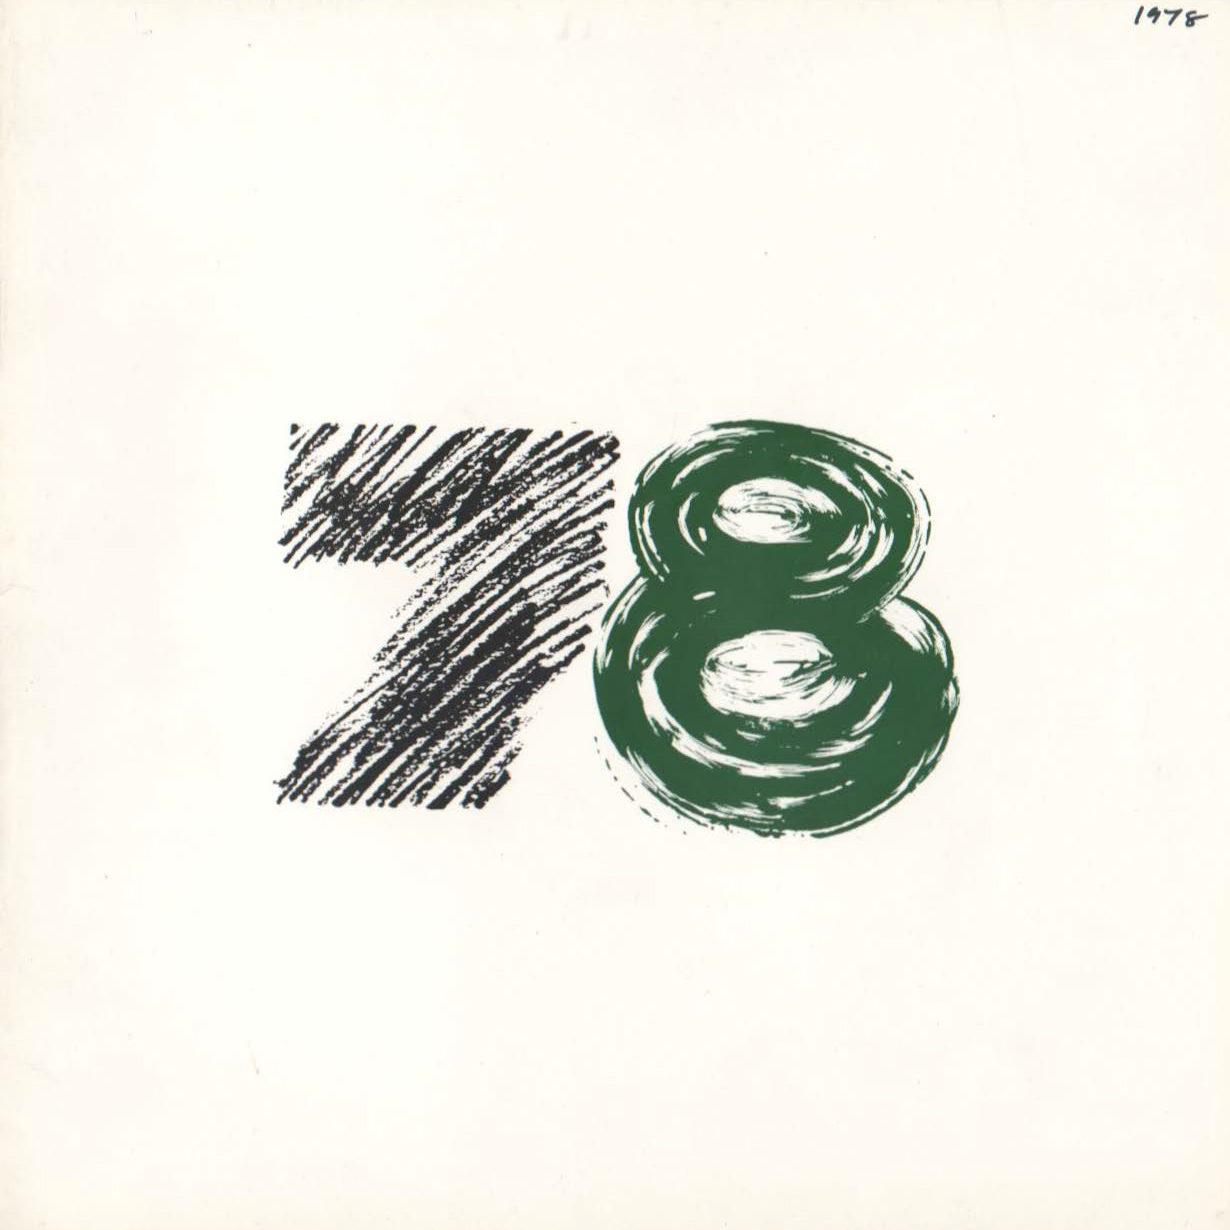 EVA International 1978 Catalogue Cover